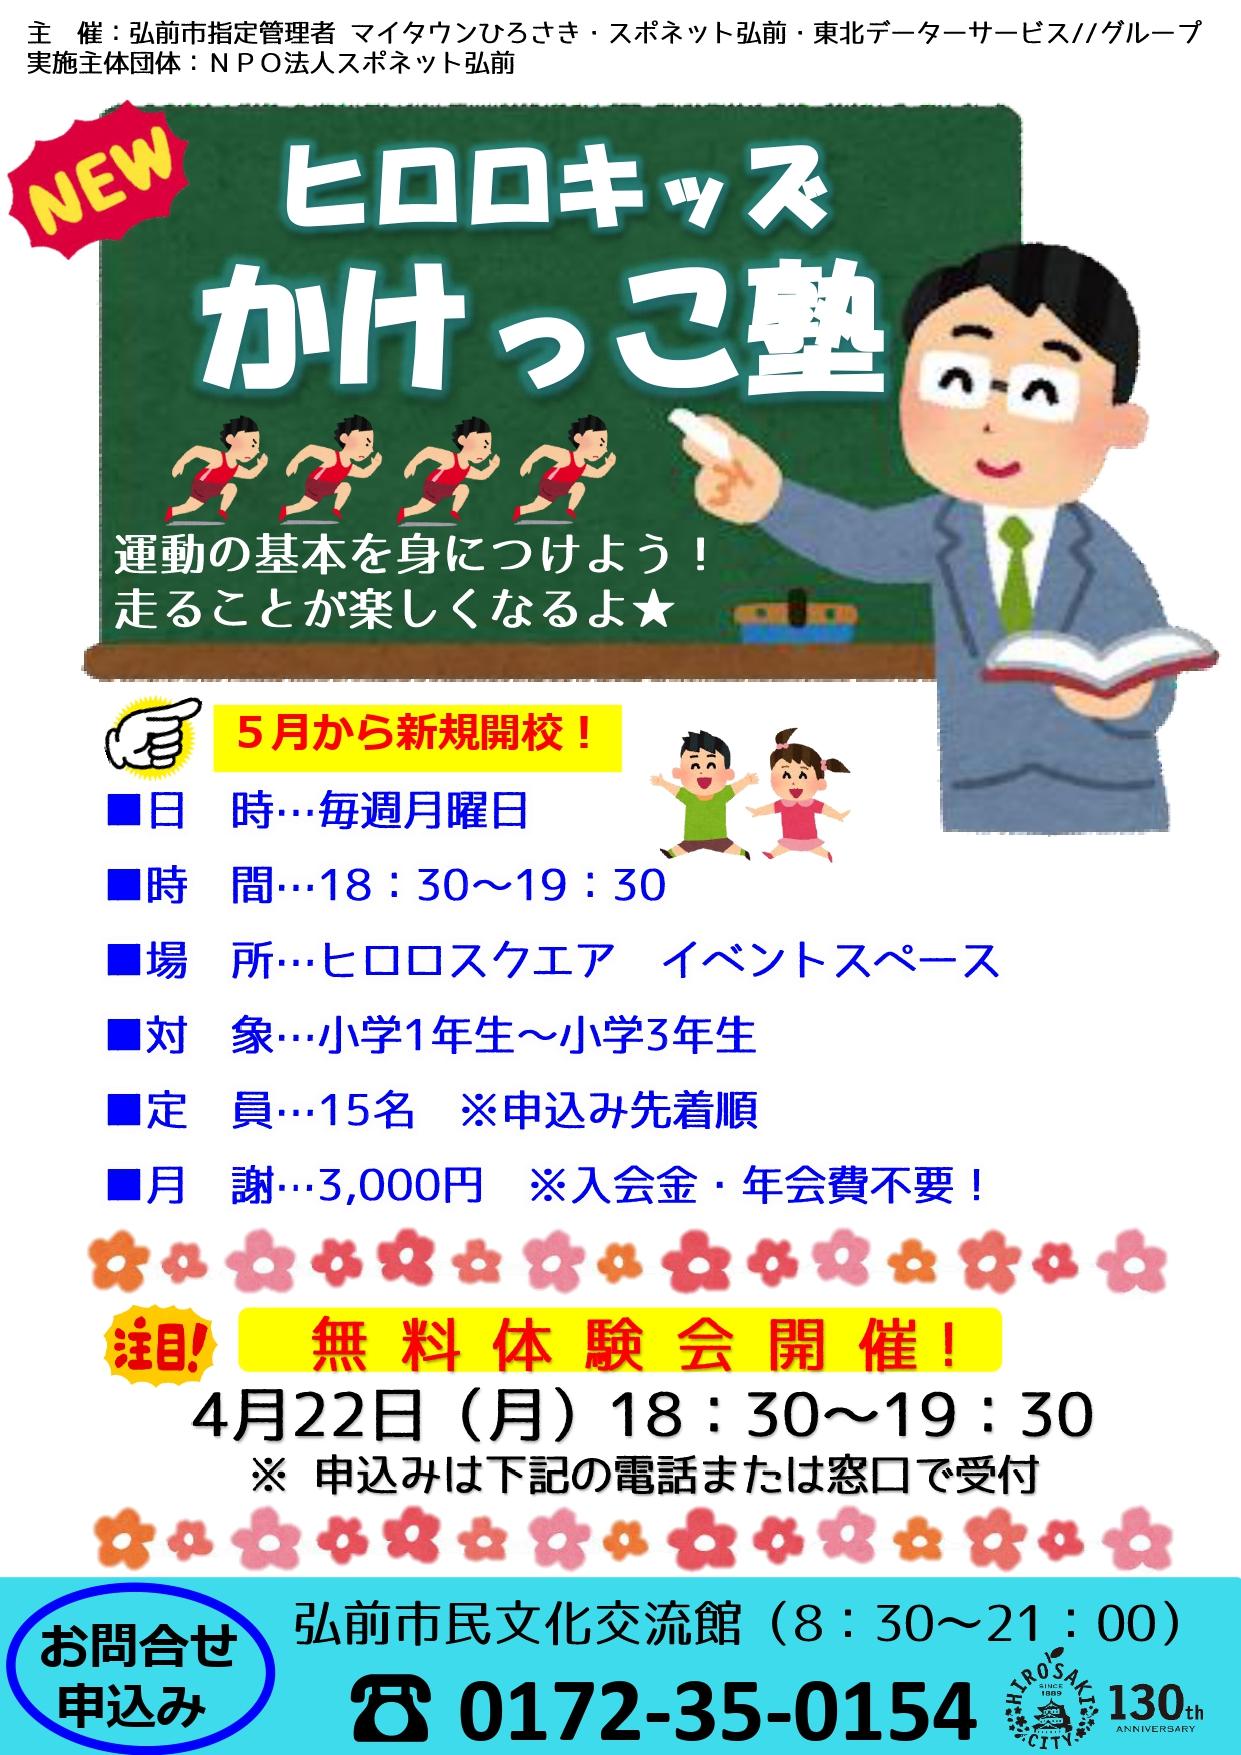 ヒロロキッズ!かけっこ塾! 無料体験会